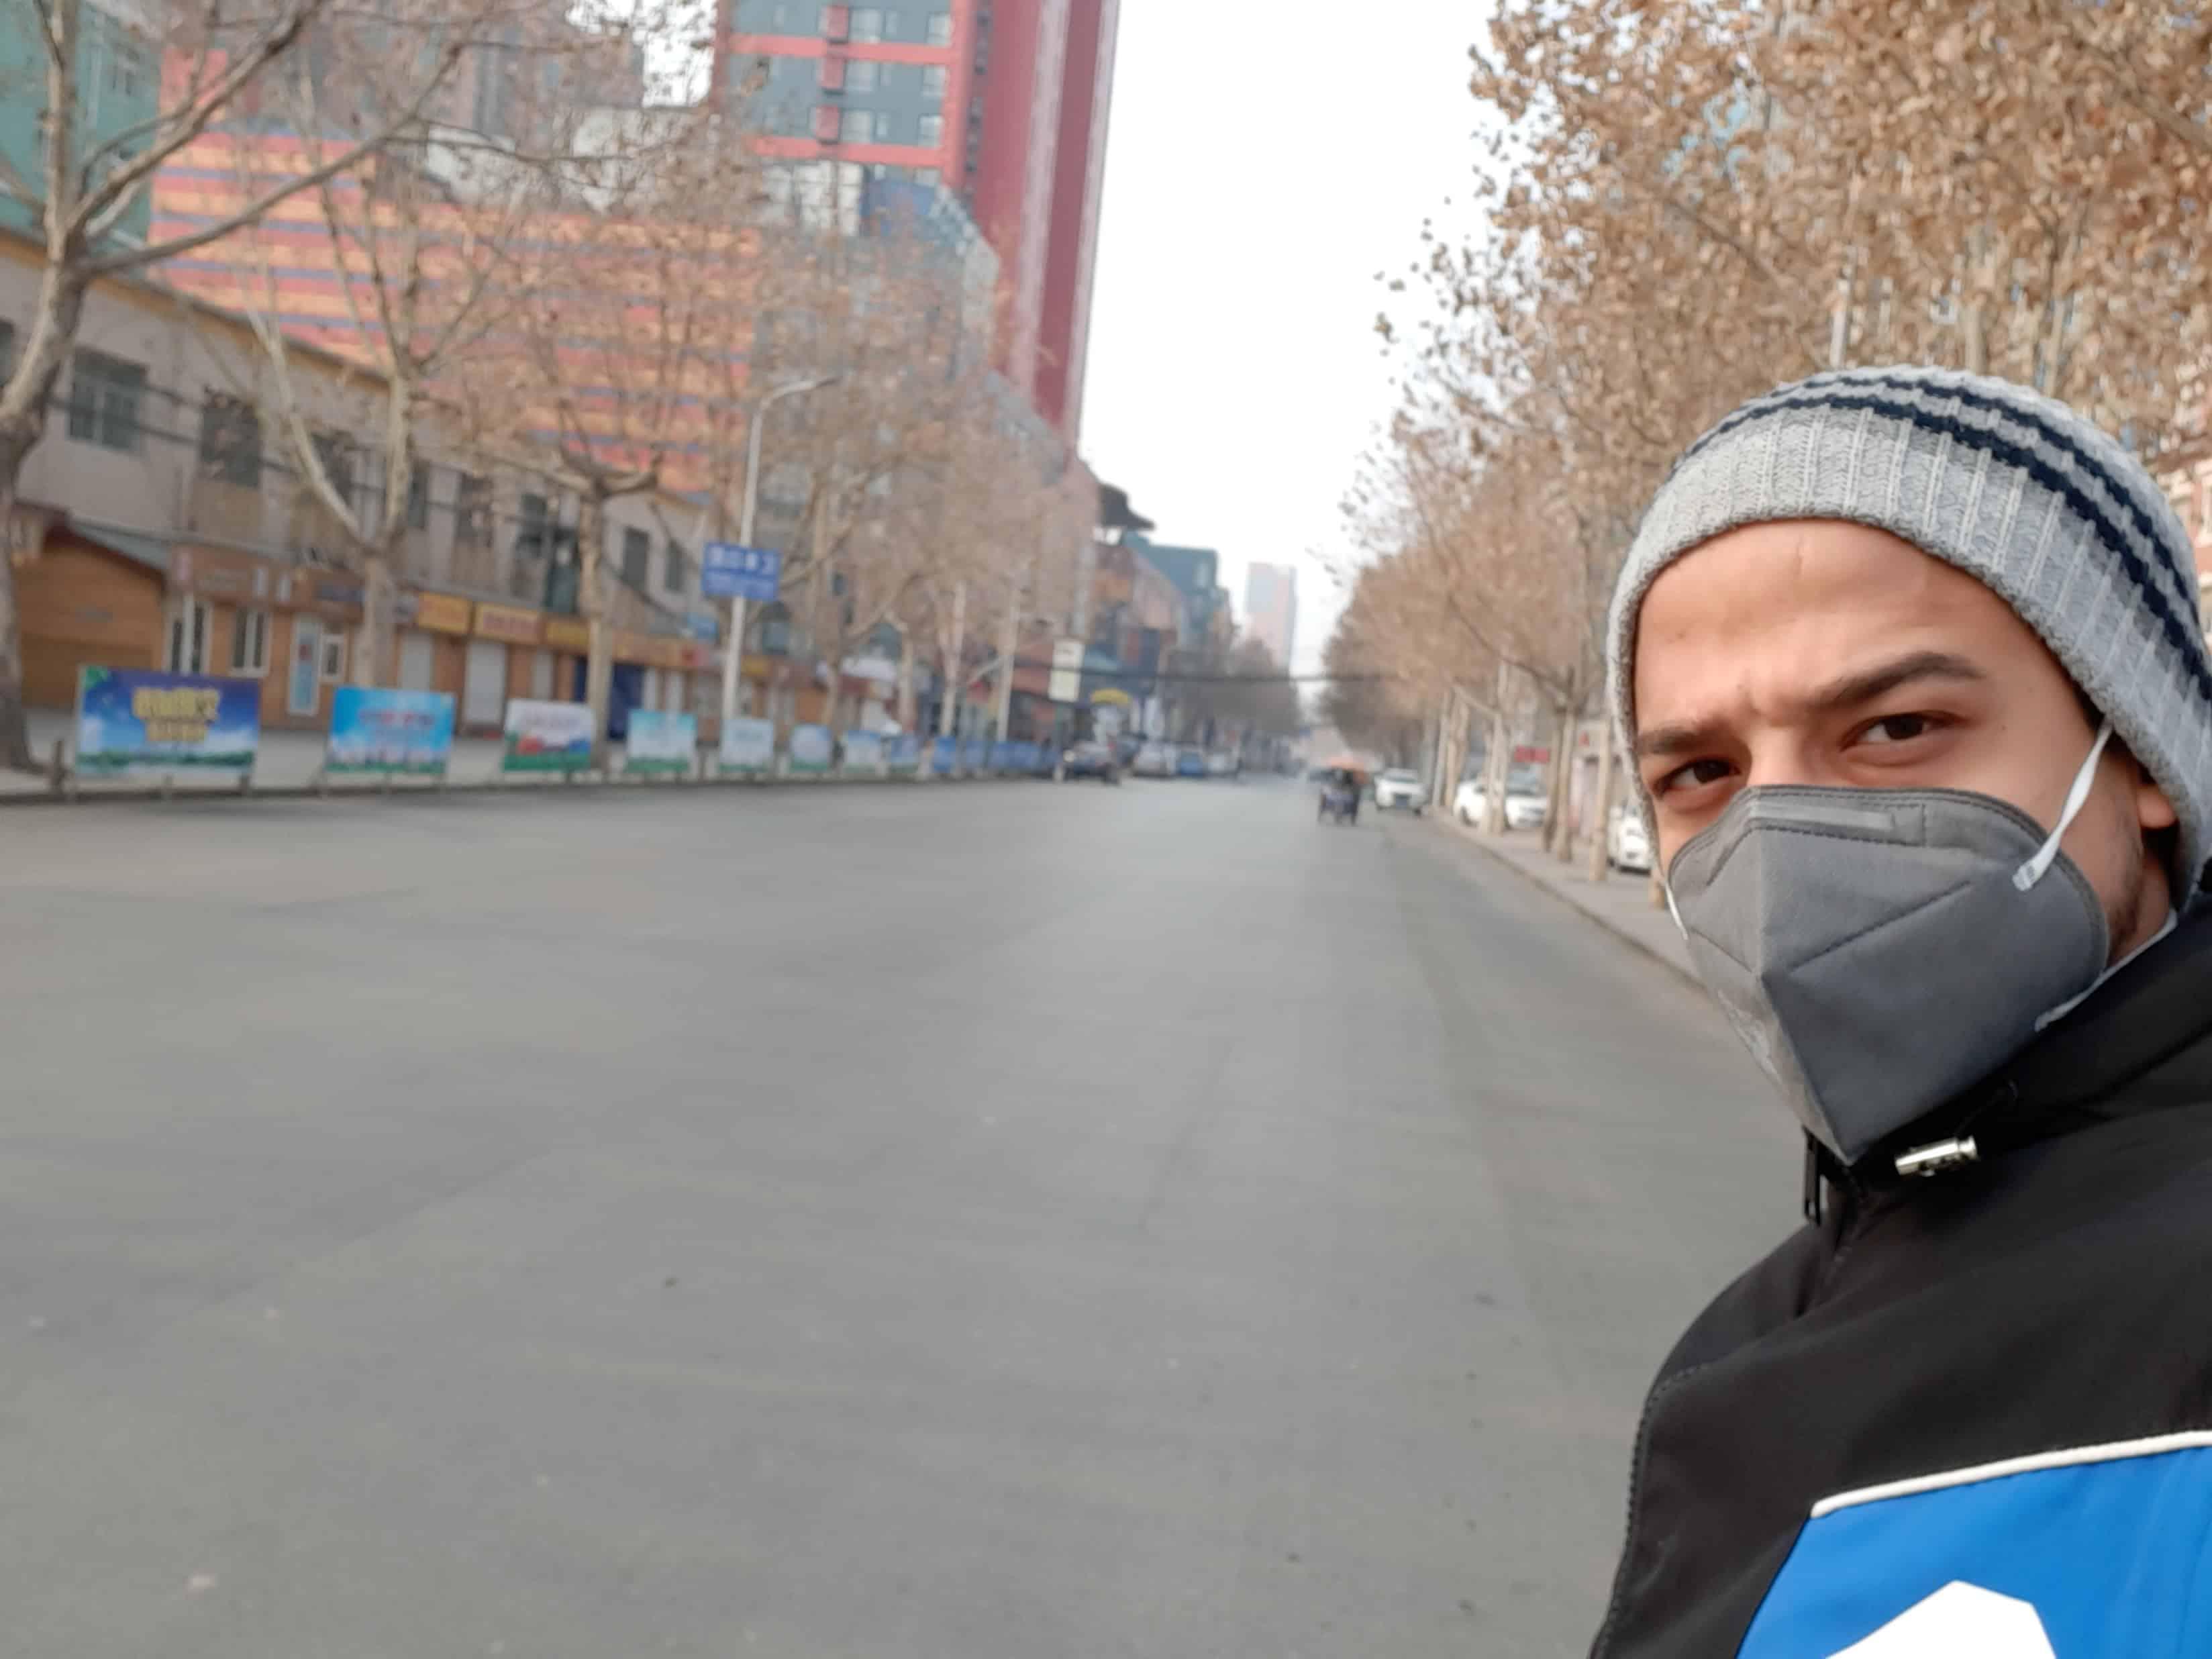 بوبساي العربية ترصد من الصين: الشوارع خالية ولا نعرف متى سينتهي كل هذا؟